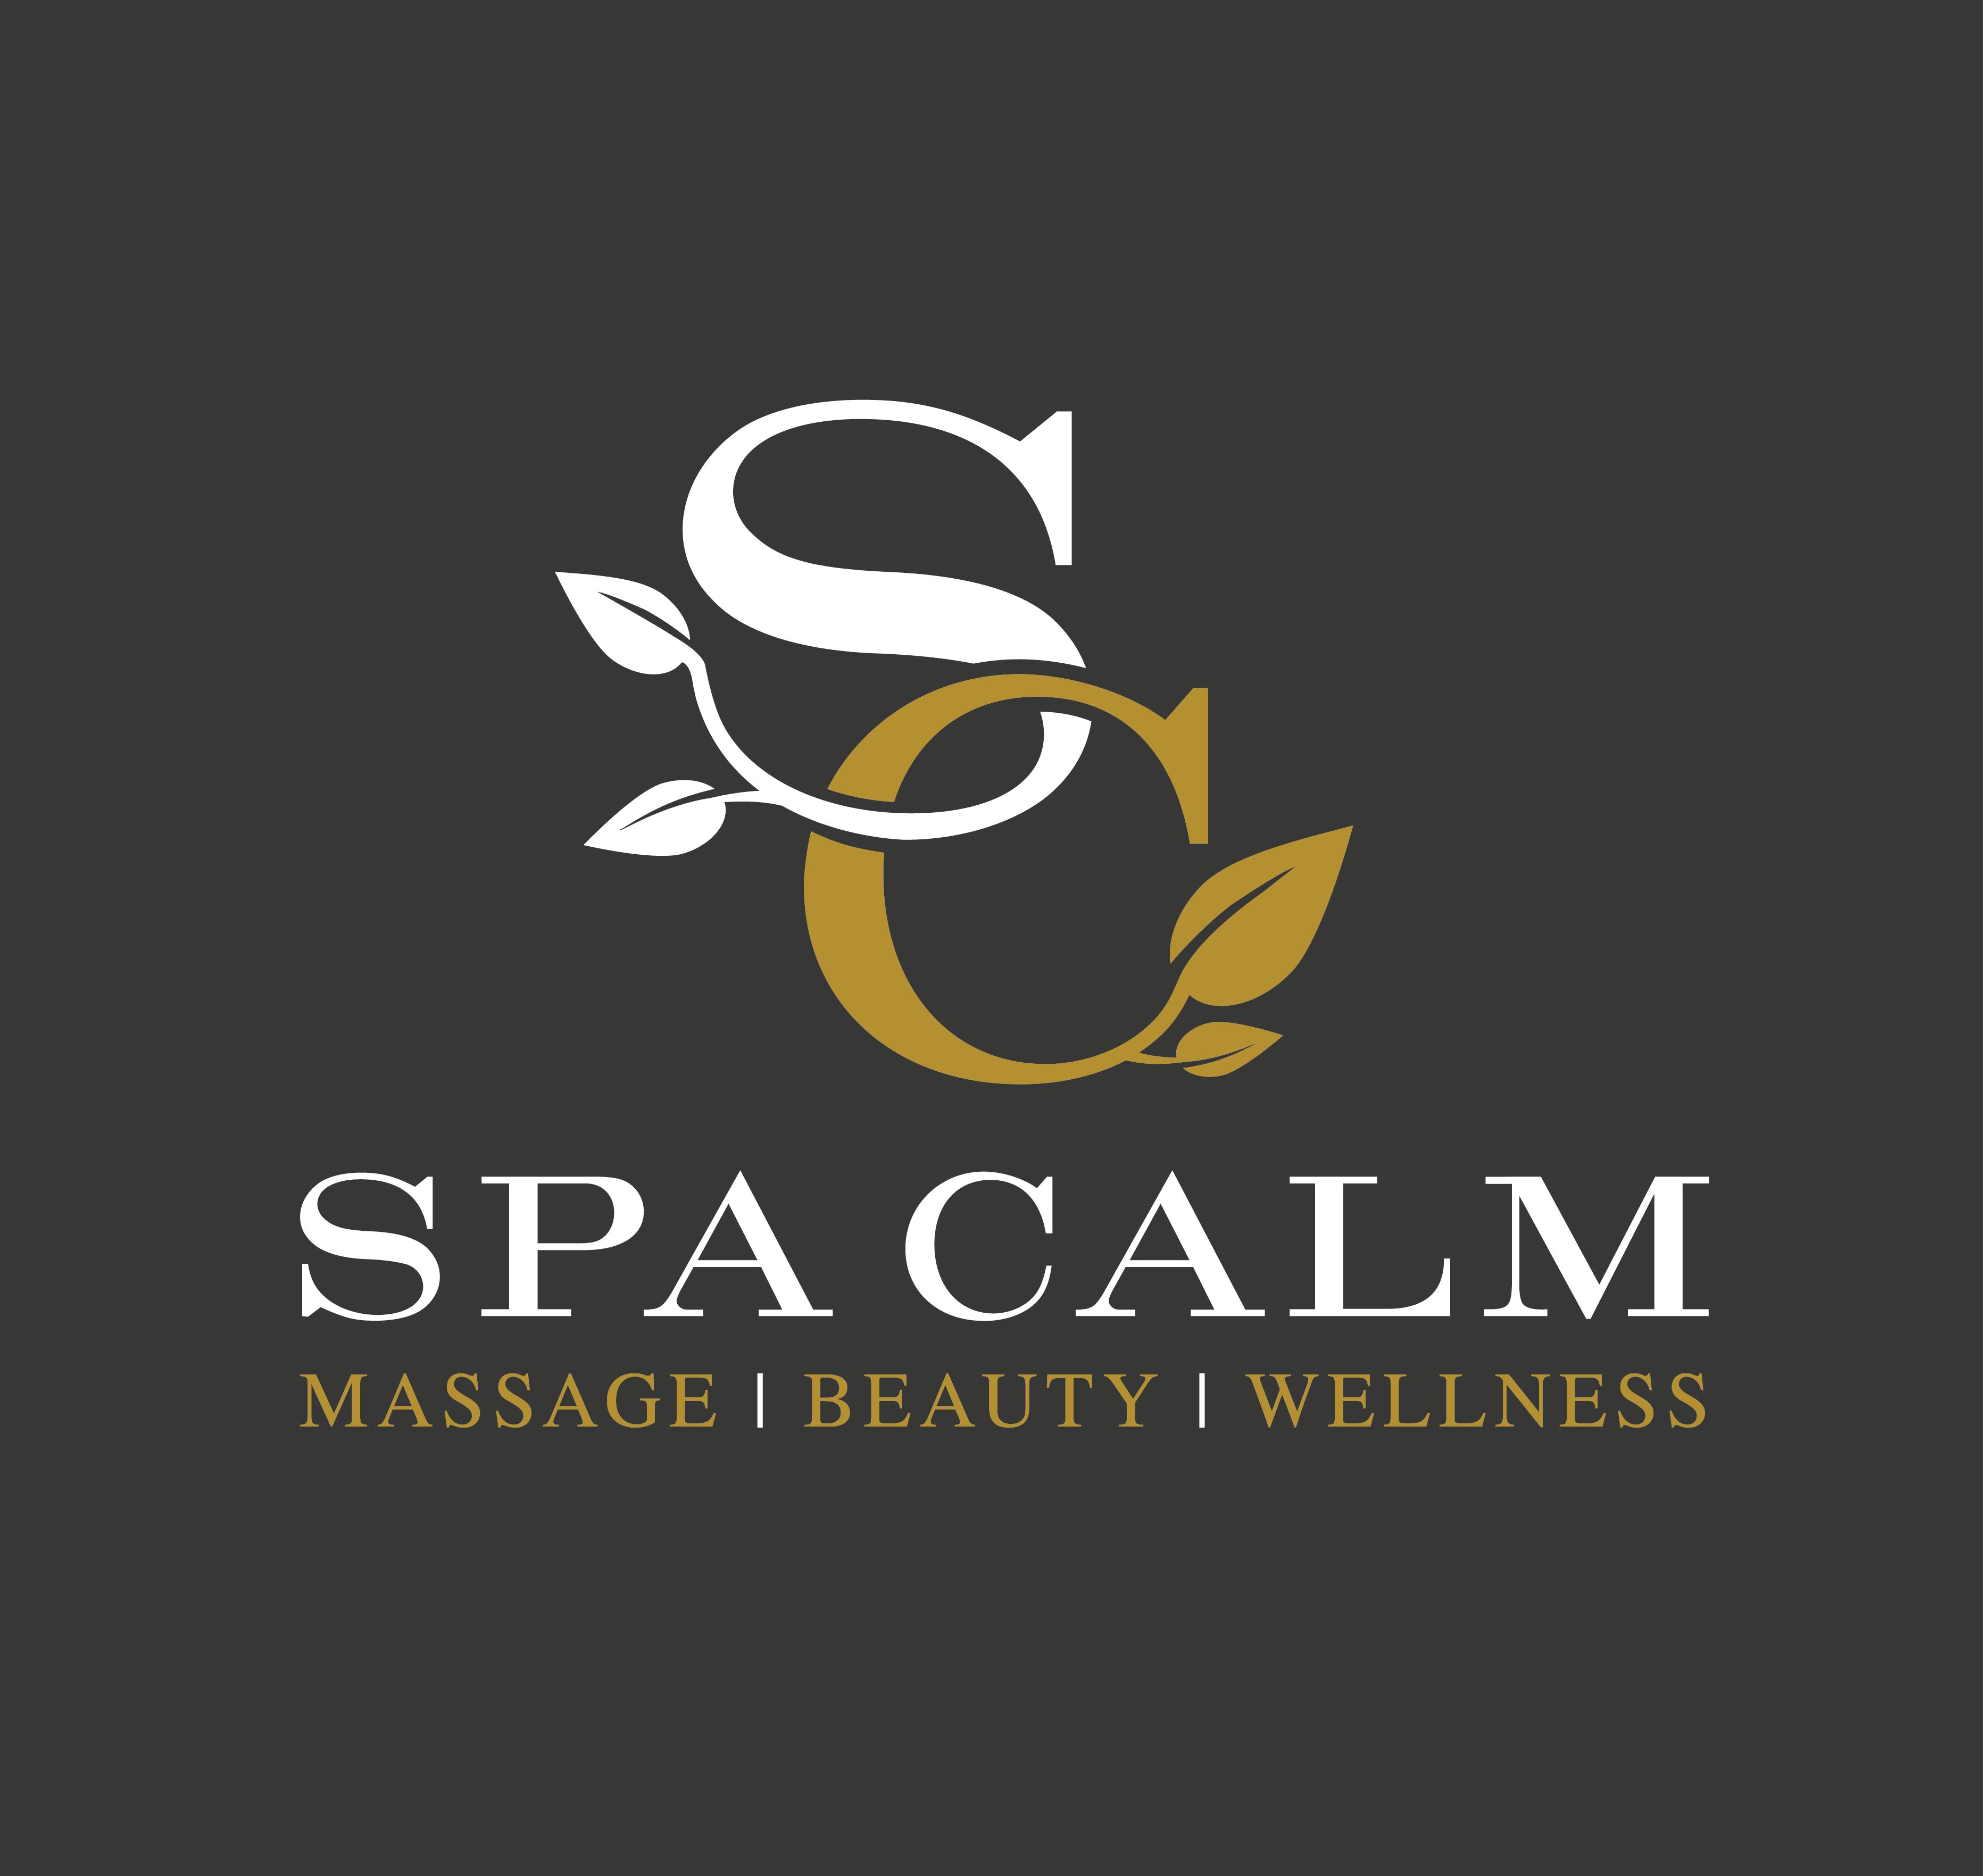 Spa Calm